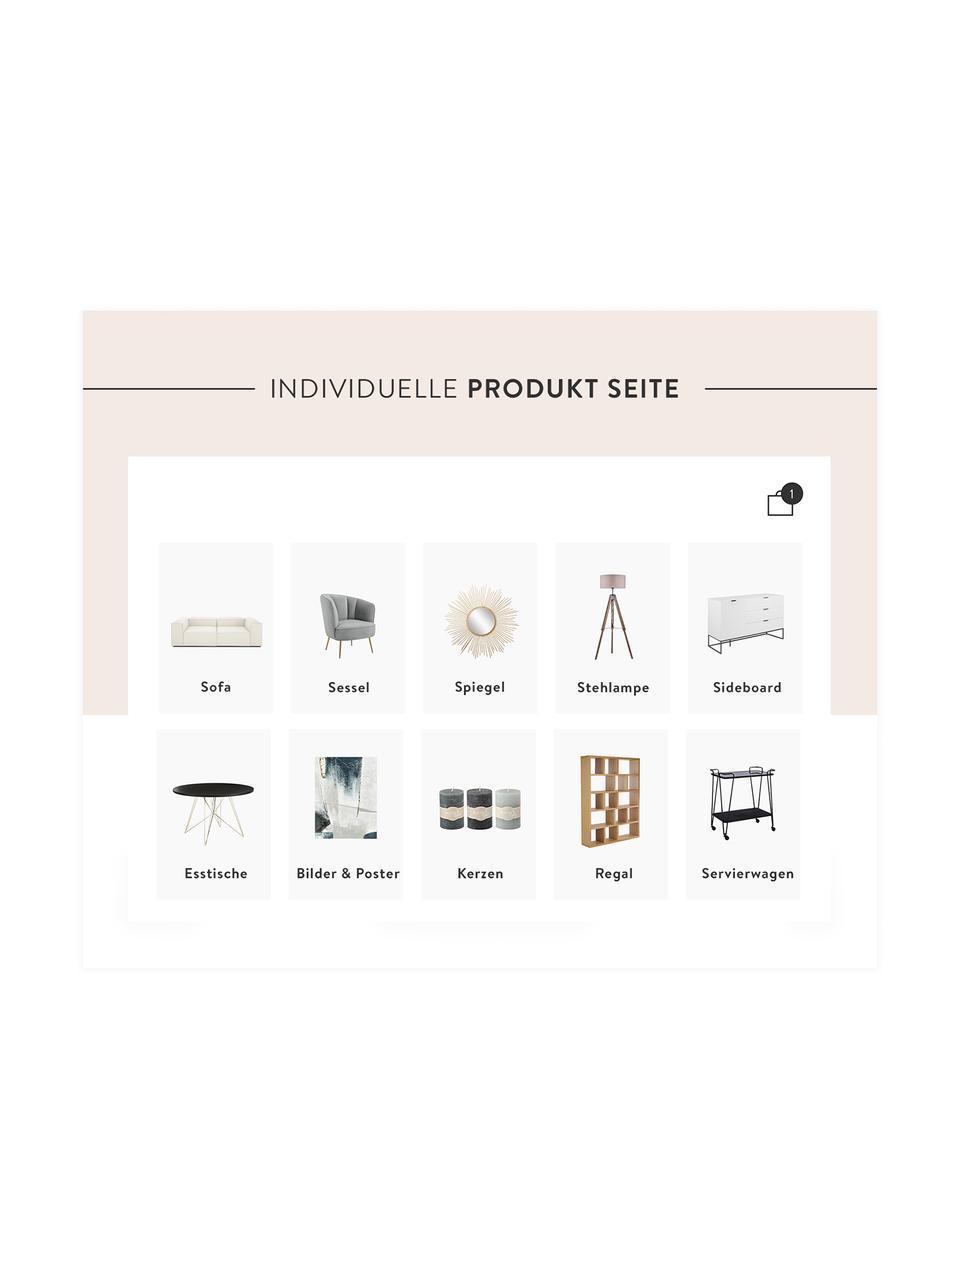 Interior Design Service für 1 Wohnbereich, Digitaler Gutschein.  Nach Erhalt Ihrer Bestellung, werden Sie zeitnah von uns kontaktiert und vereinbaren Ihr telefonisches Beratungsgespräch mit Ihrem persönlichen Interior Designer., Weiß, 119 Euro